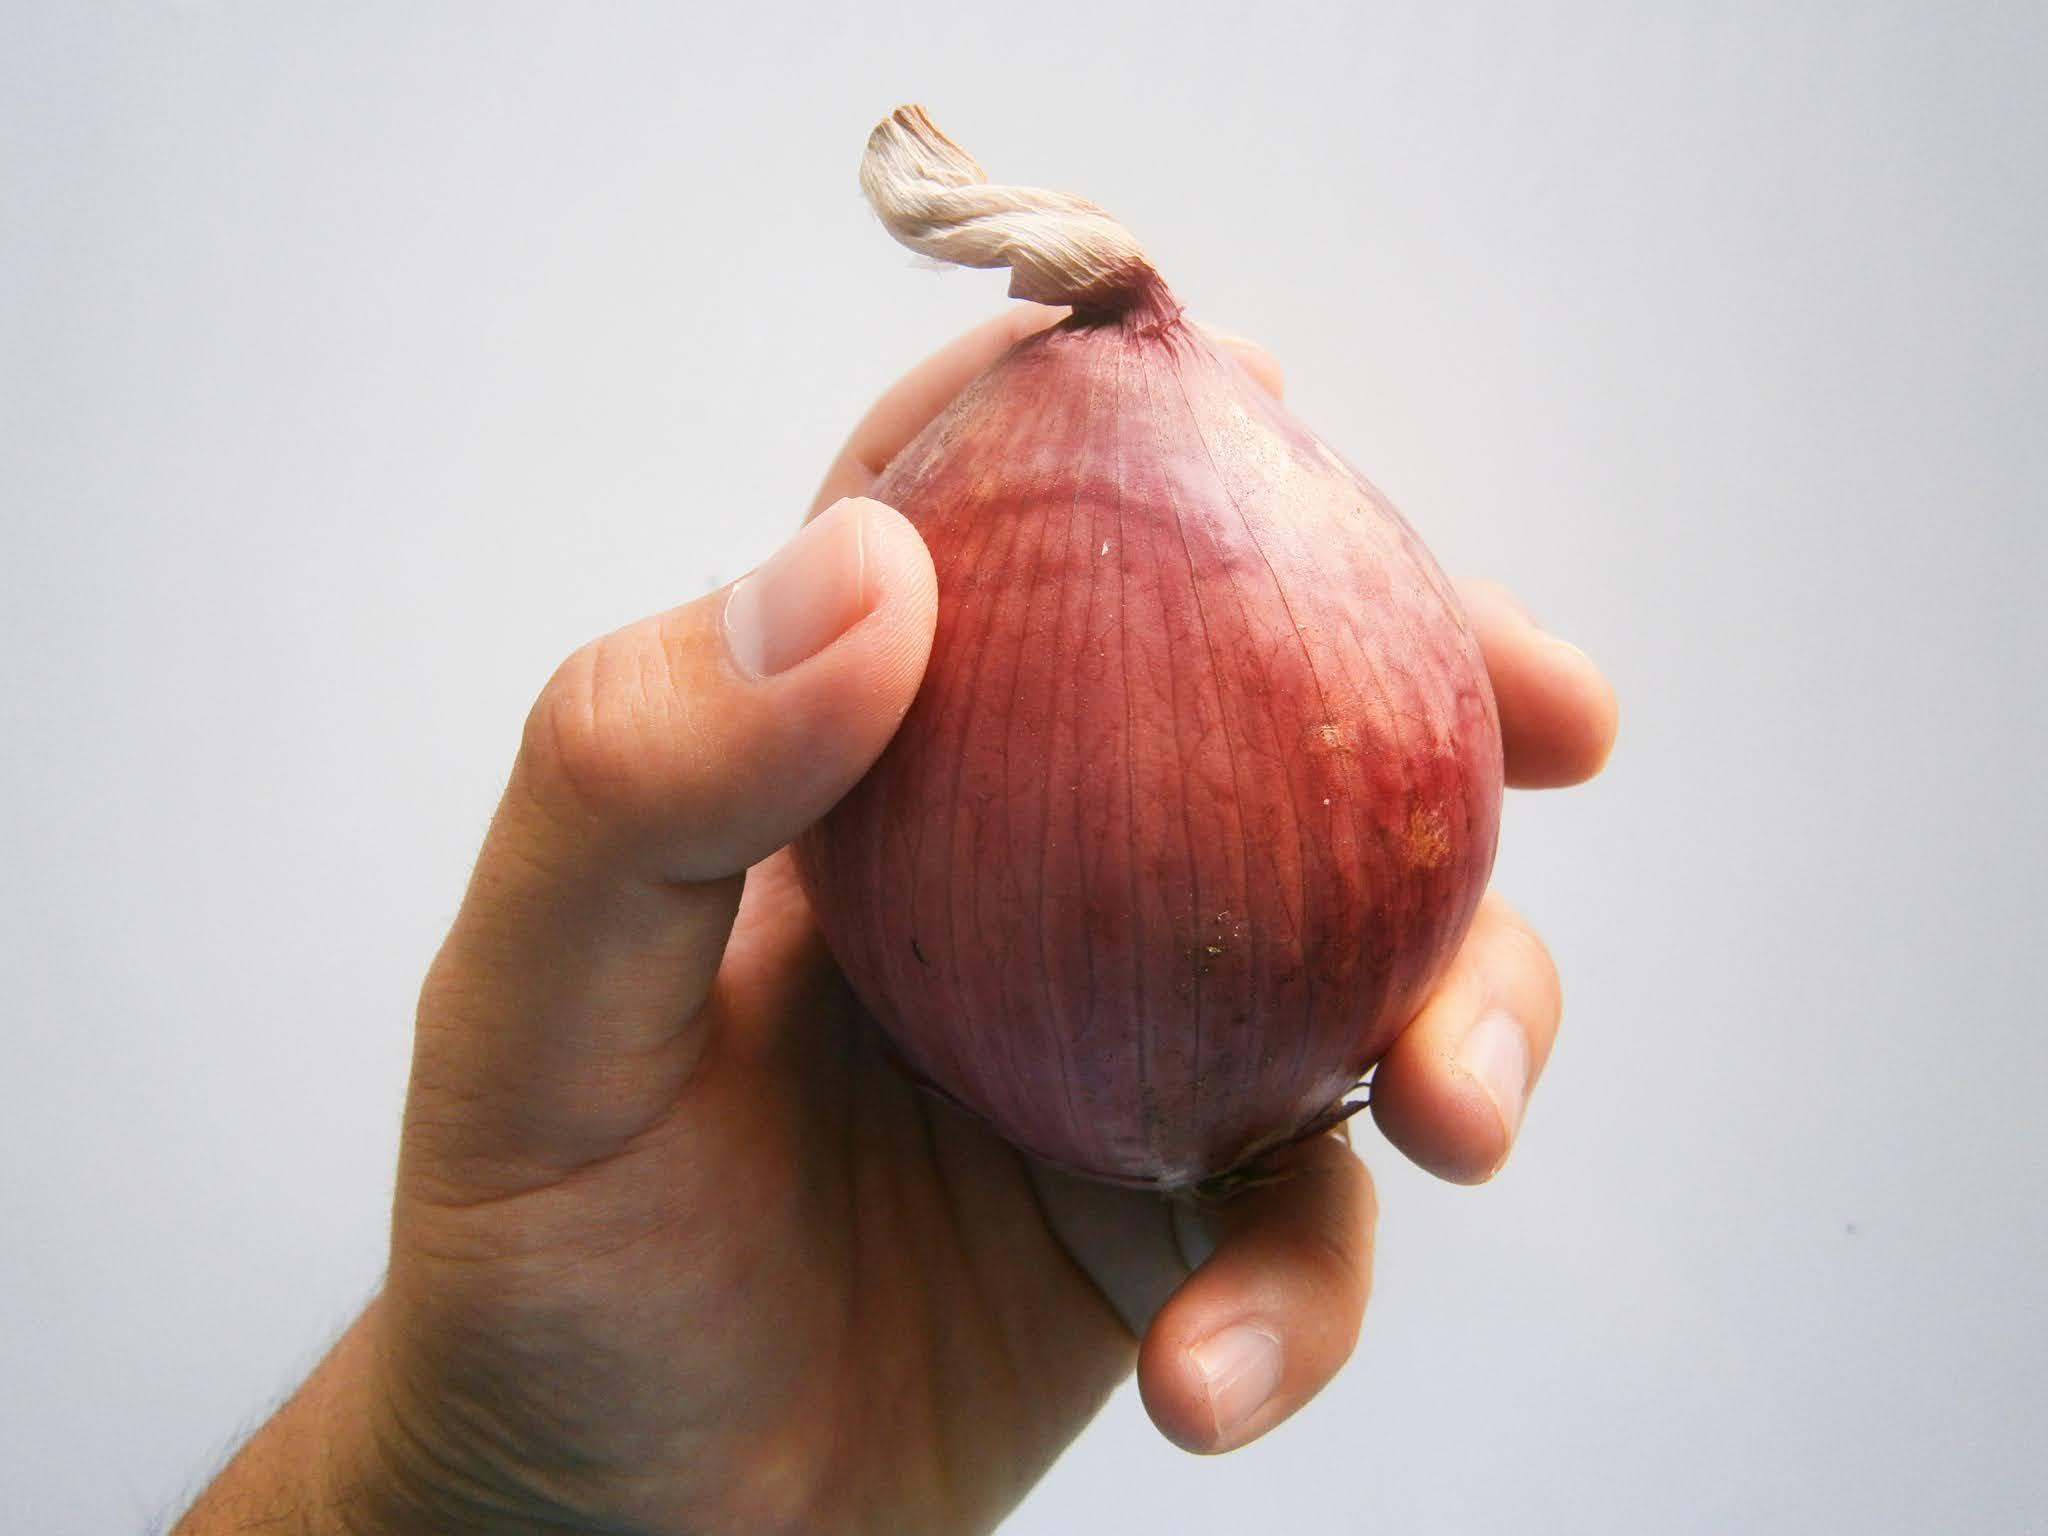 Cabeza de cebolla sostenida de una mano de una persona joven